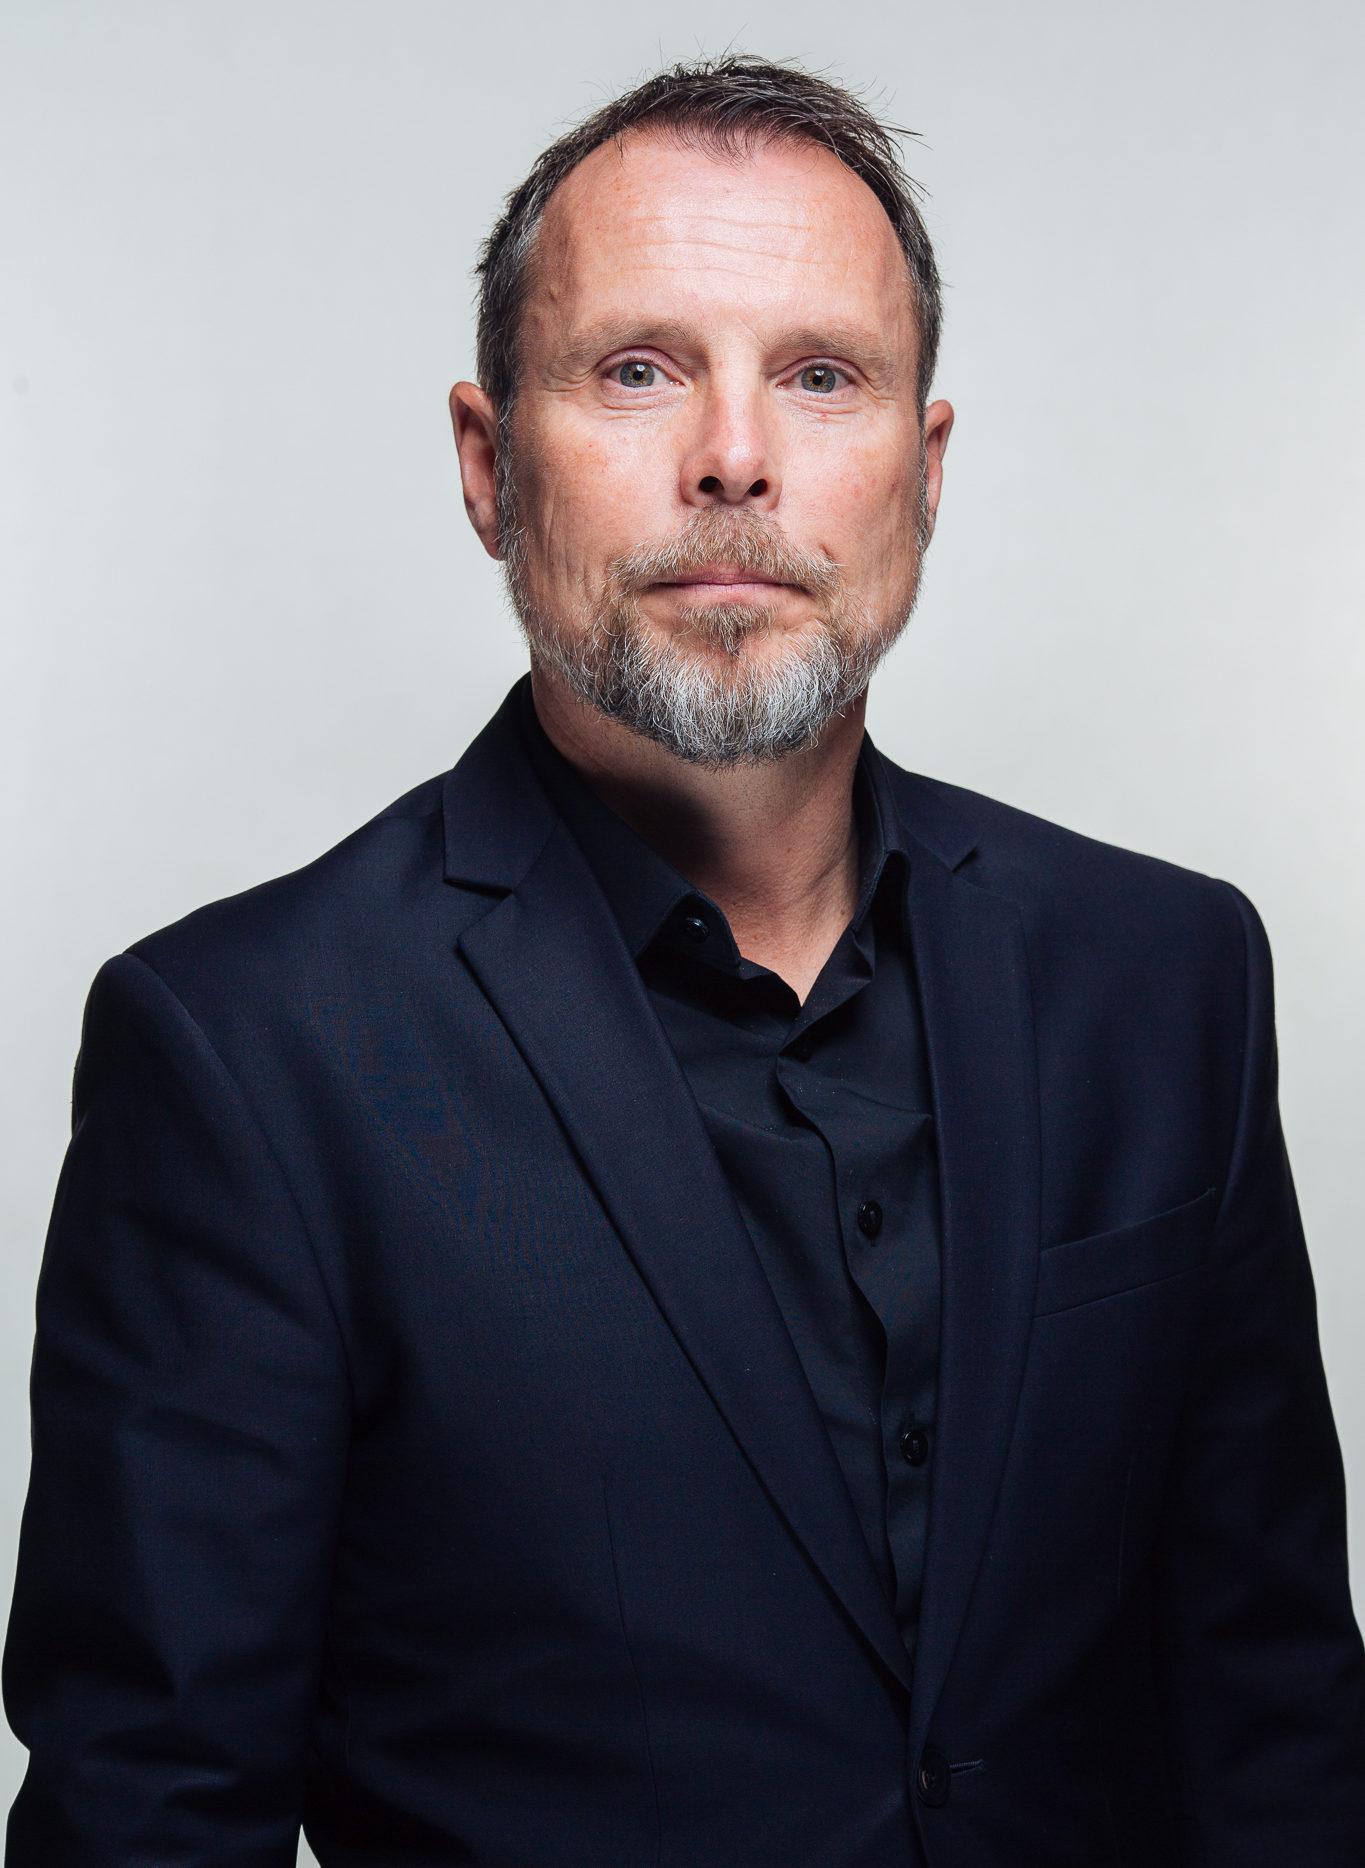 Martin Ingwersen